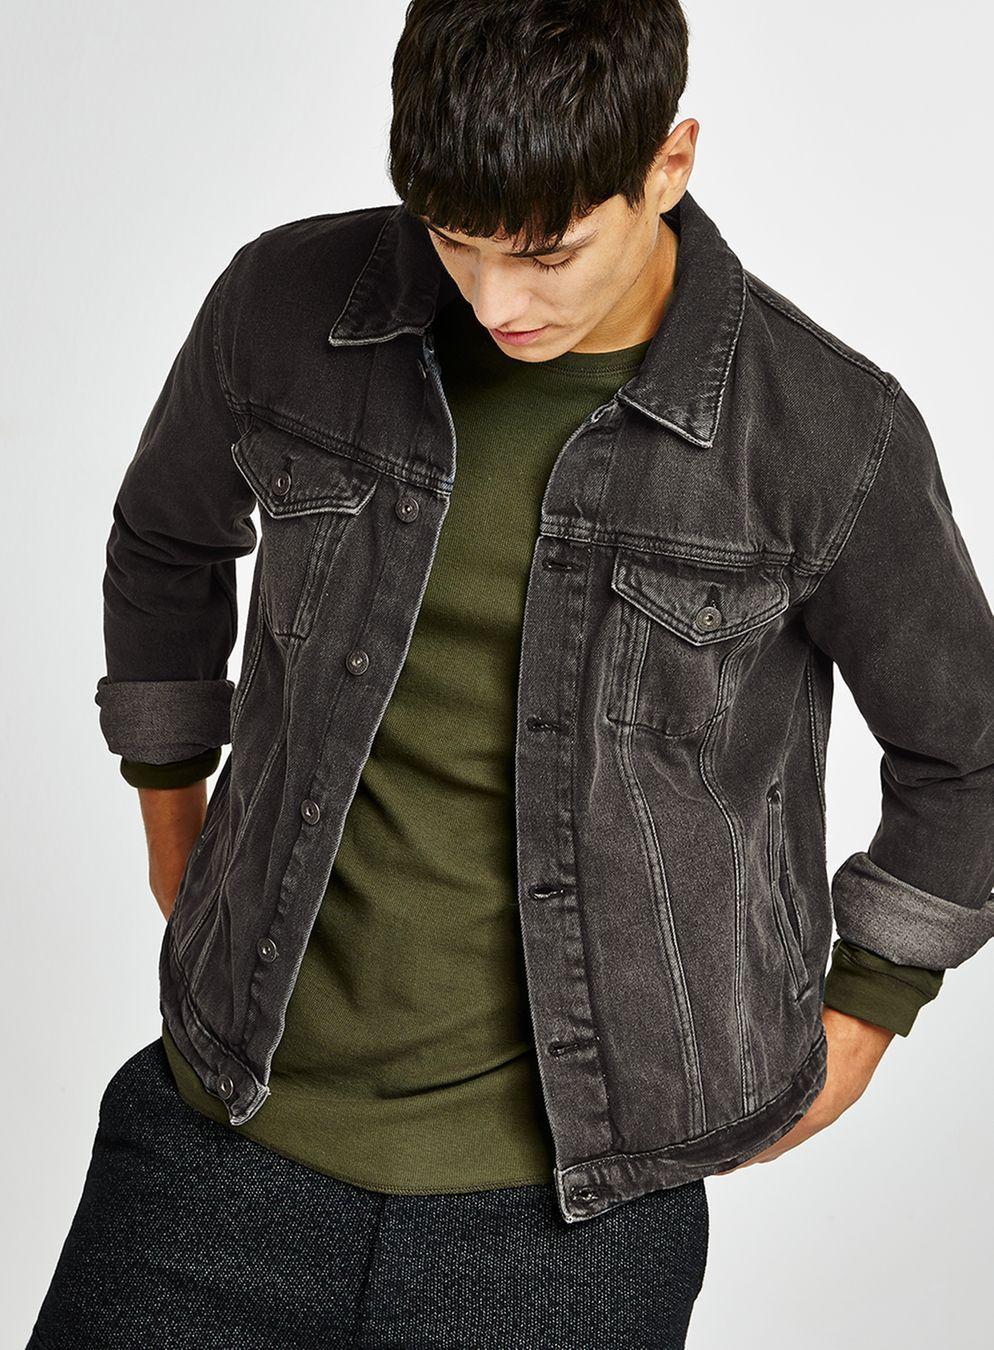 Black Denim Jacket (With images) Black denim jacket men